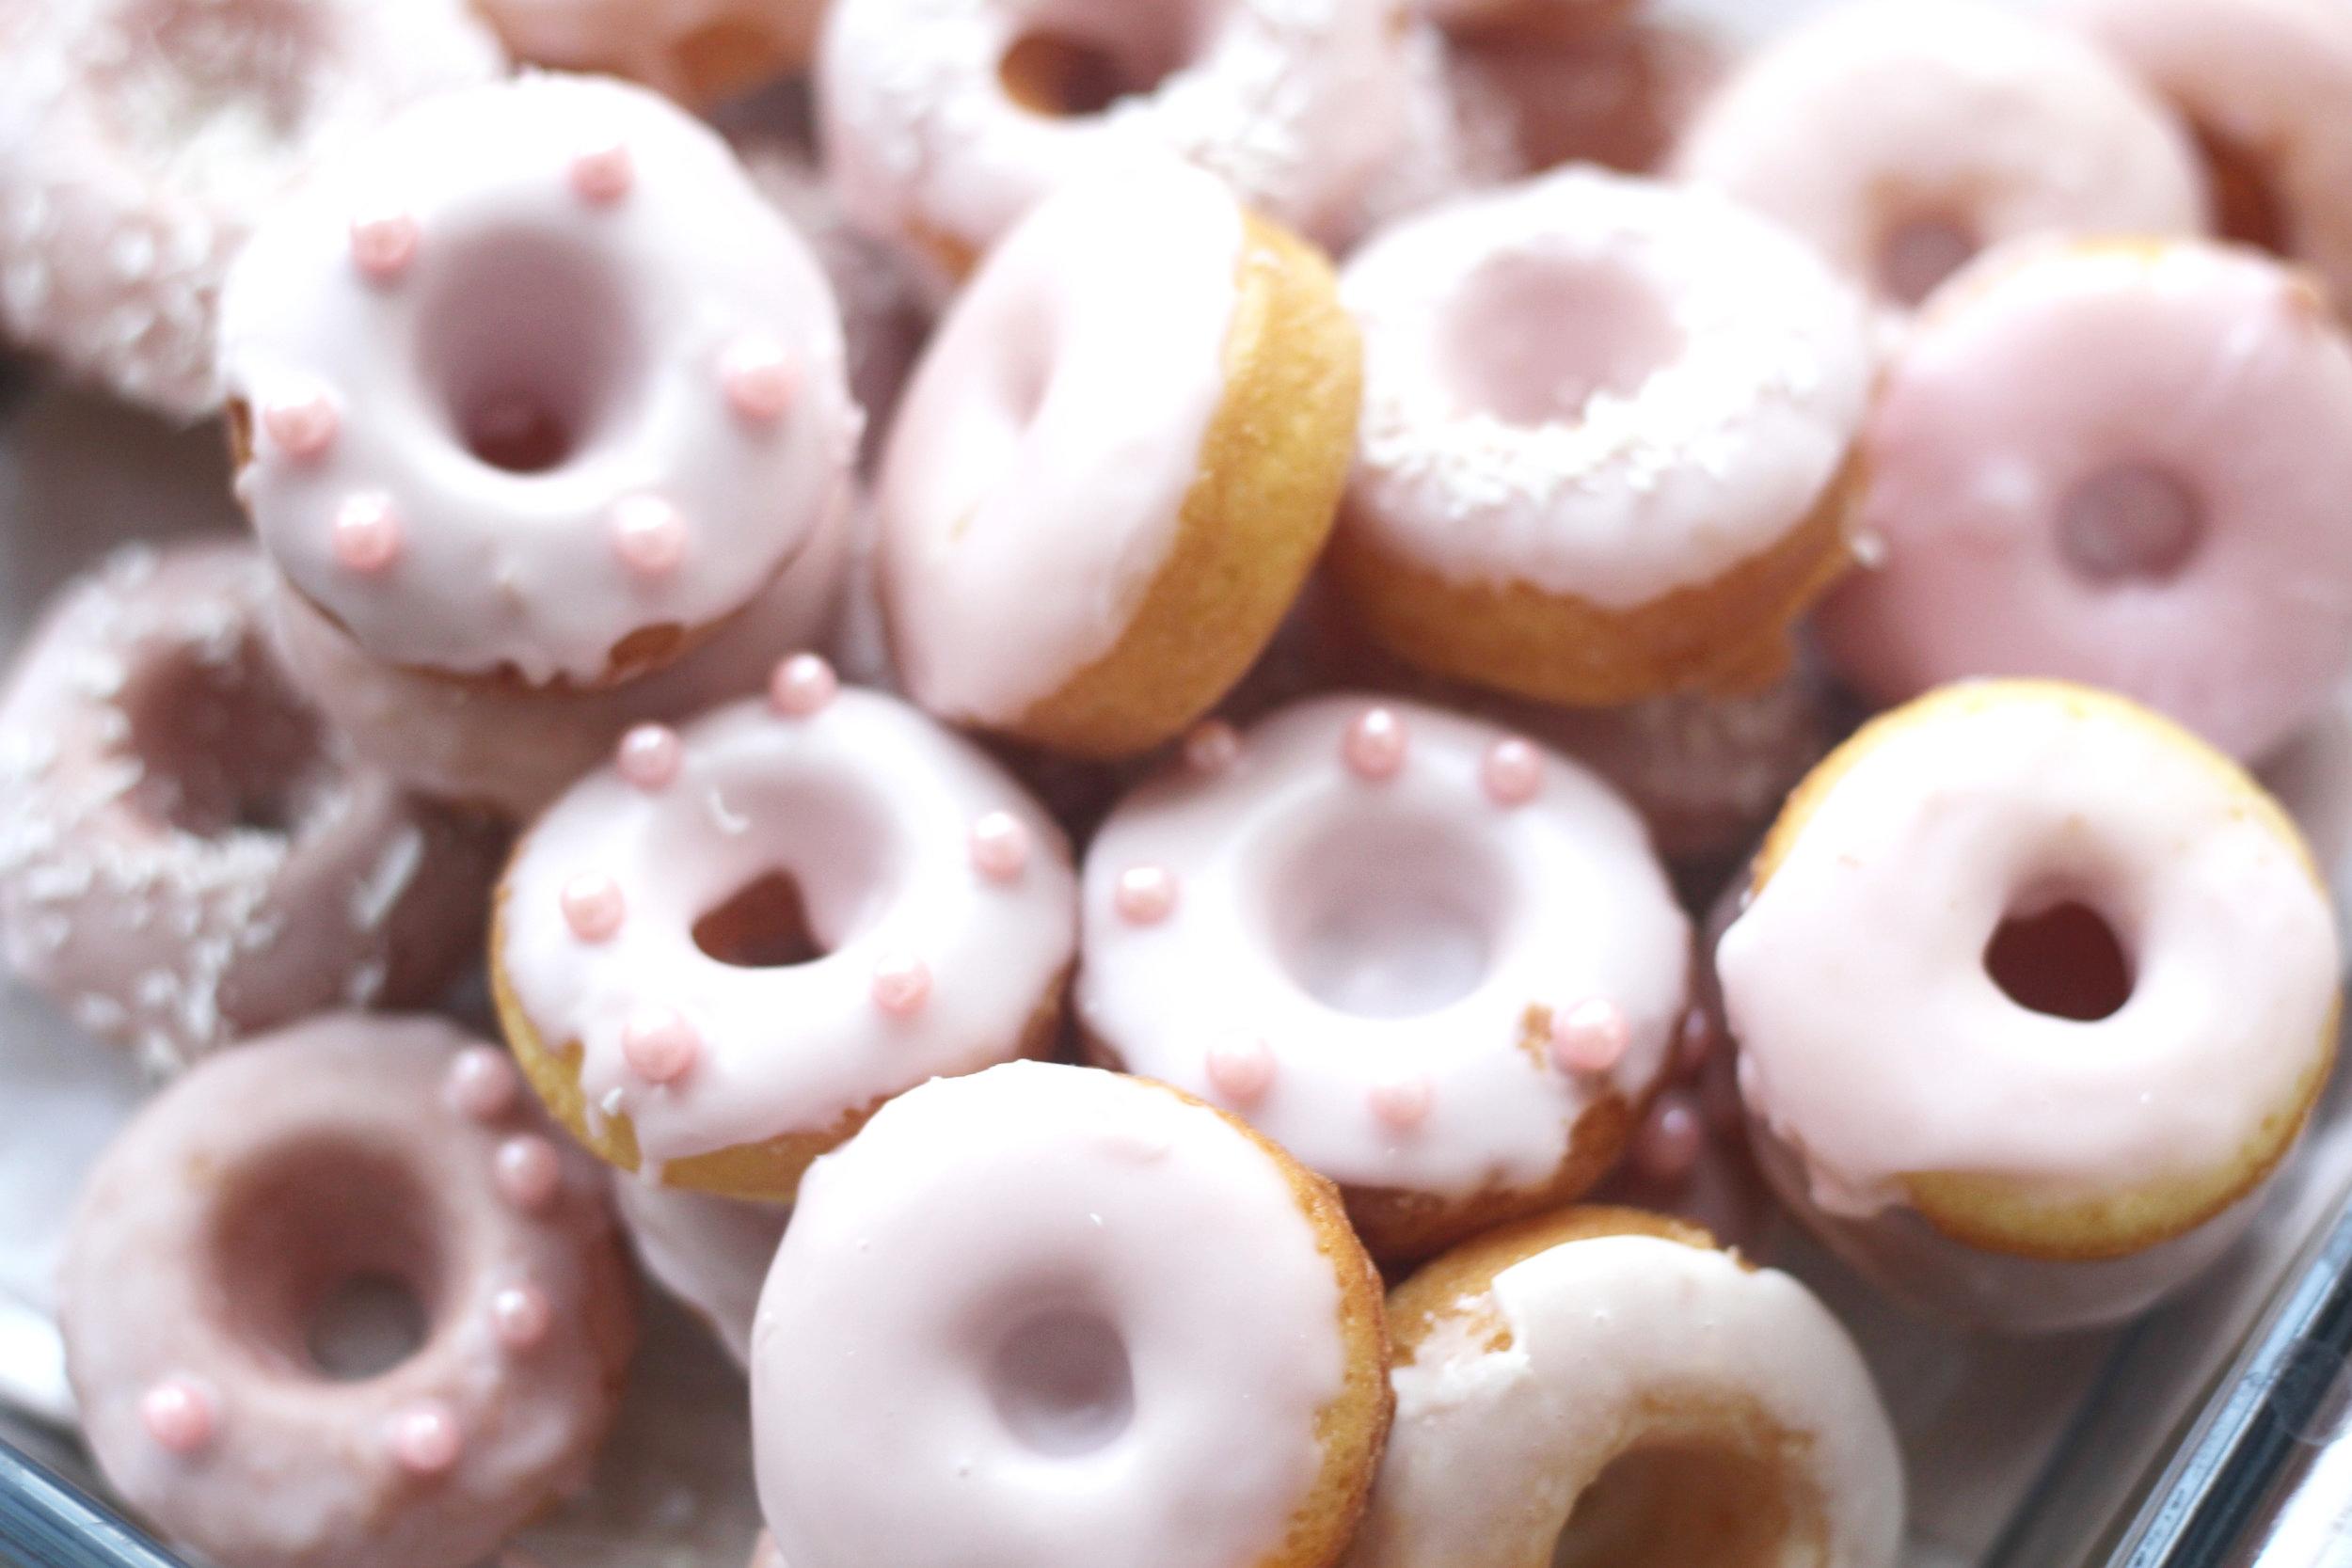 Donut pile.jpg